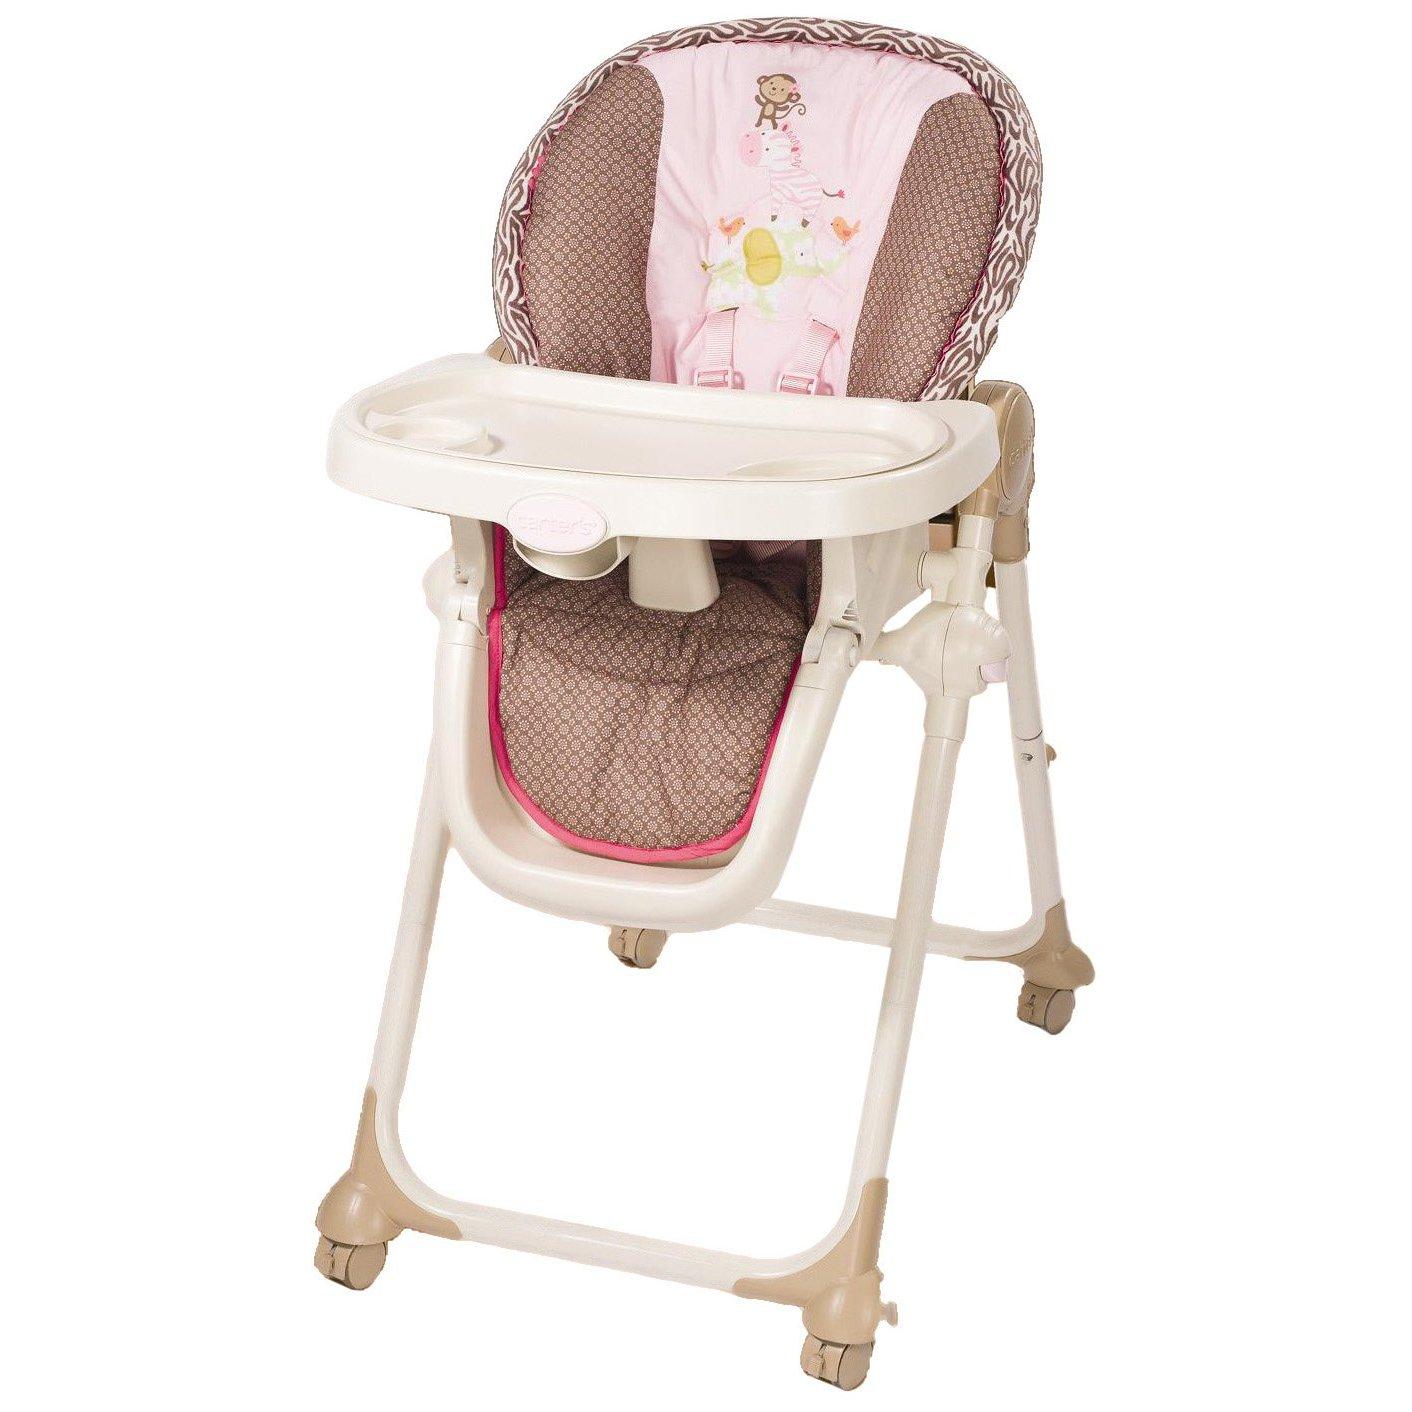 carter high chair